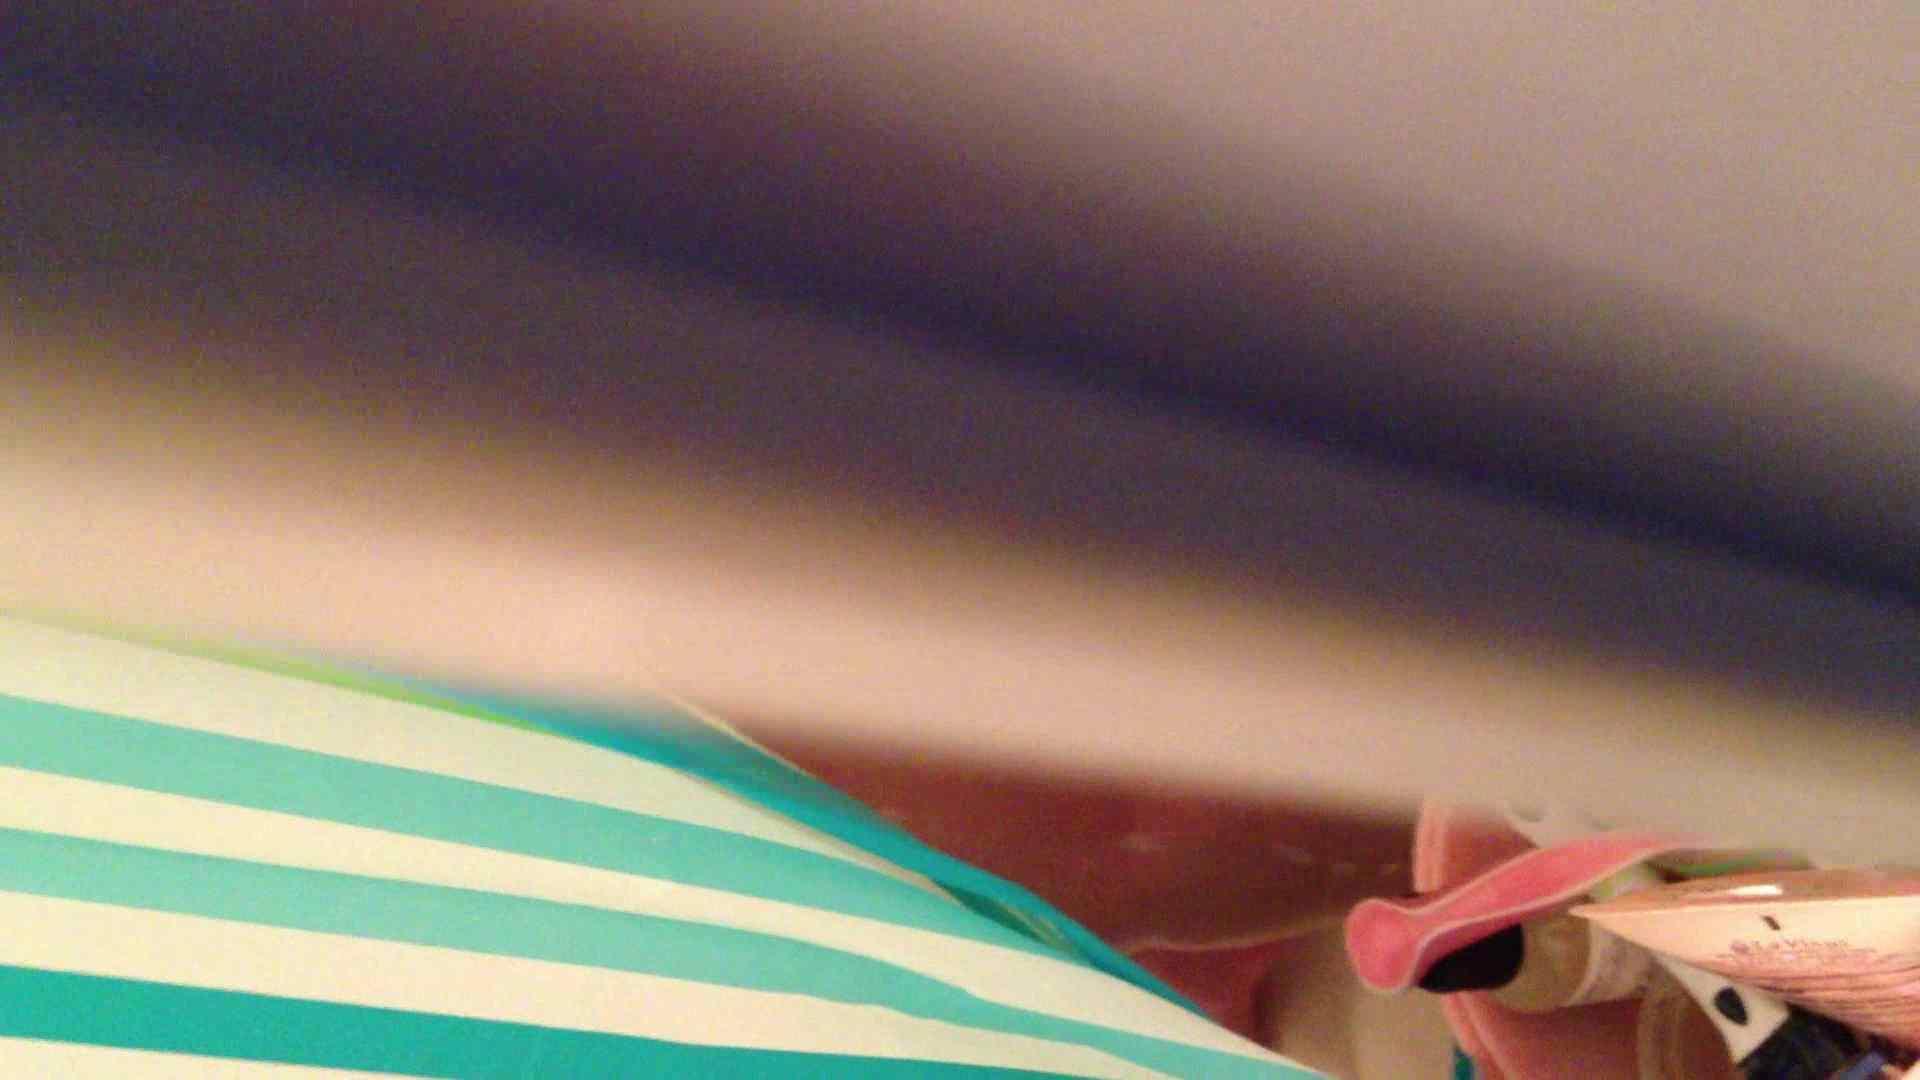 16(16日目)シャワー中にムダ毛処理をする彼女 パイパン | 一般投稿  94pic 37